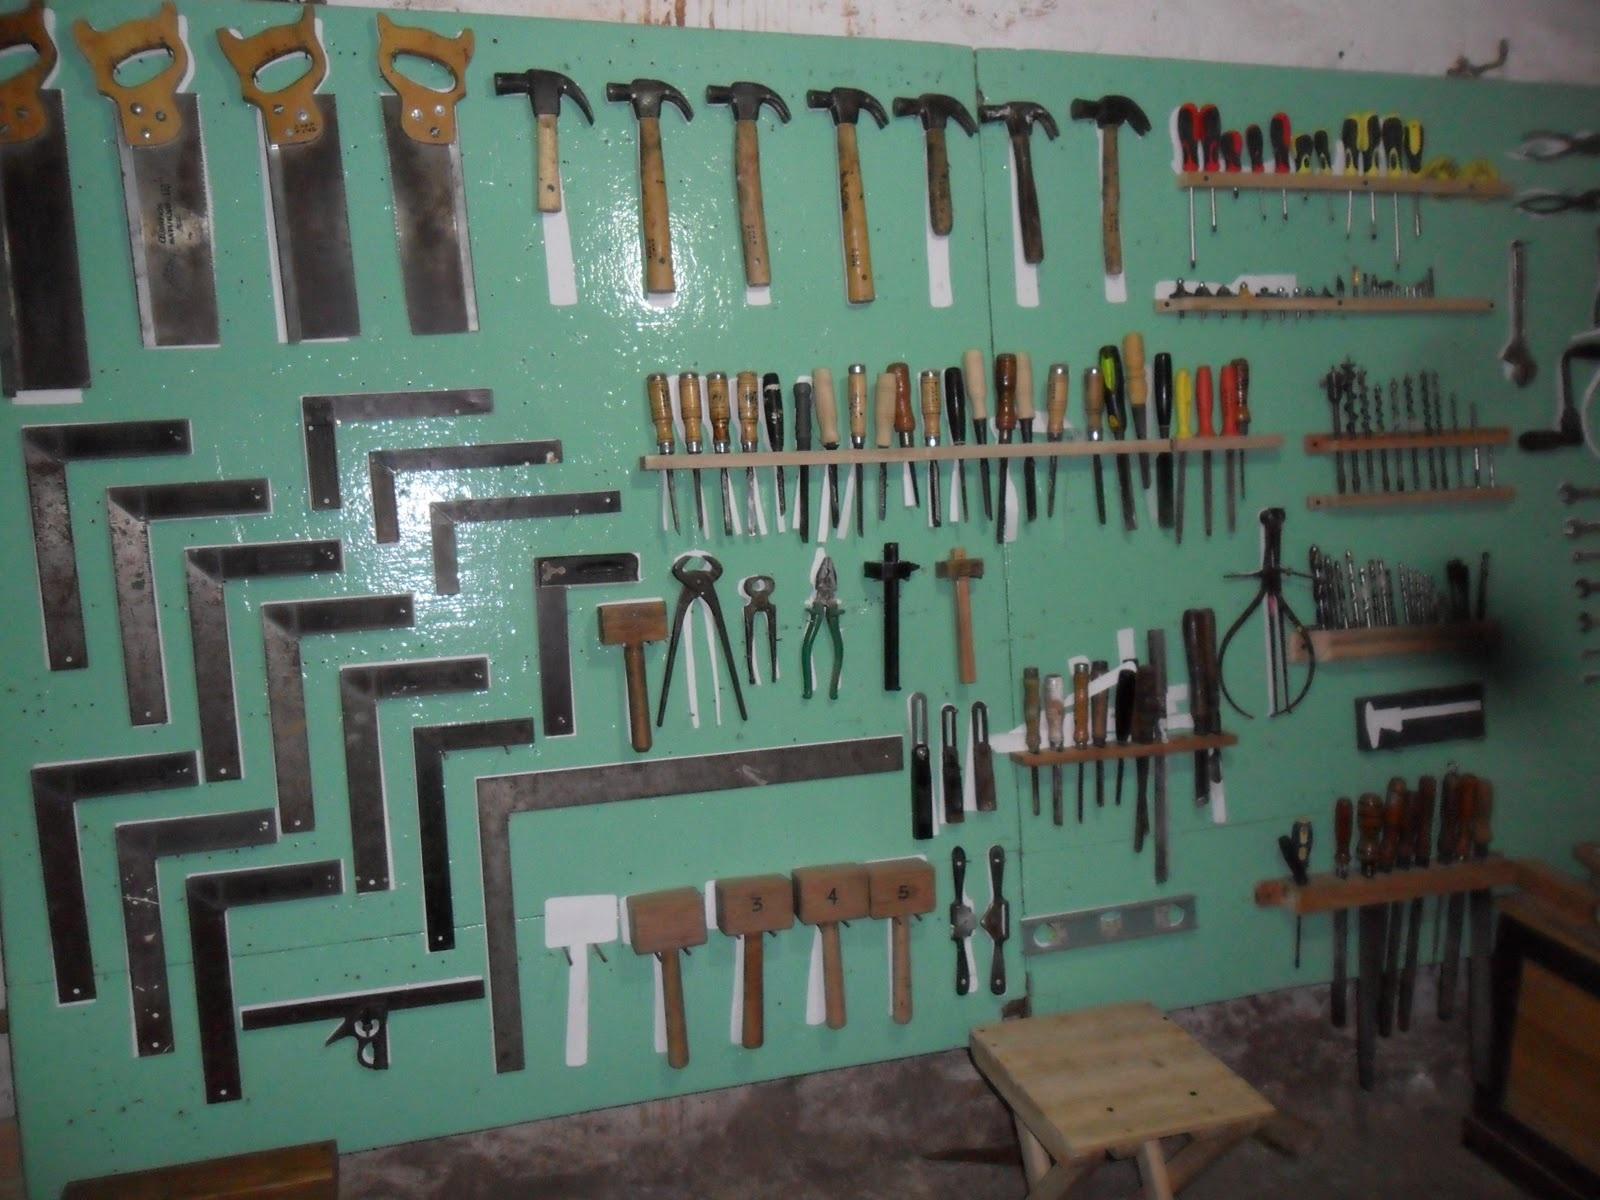 El as el sabio de la red conocemos el maravilloso mundo - Tablero de herramientas ...